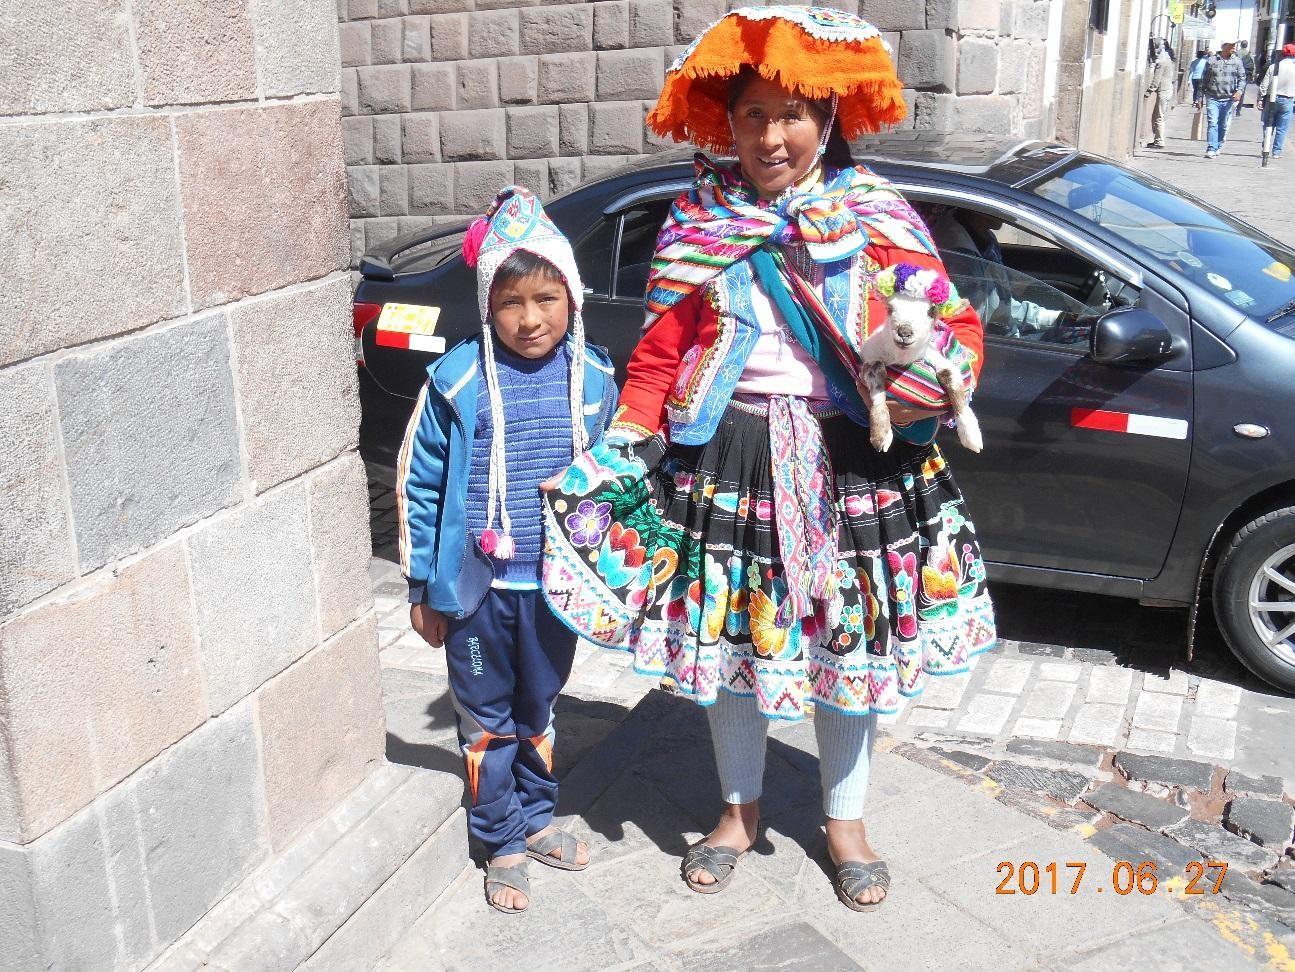 クスコ市内で観光客に1ドルで写真を撮らせる親子